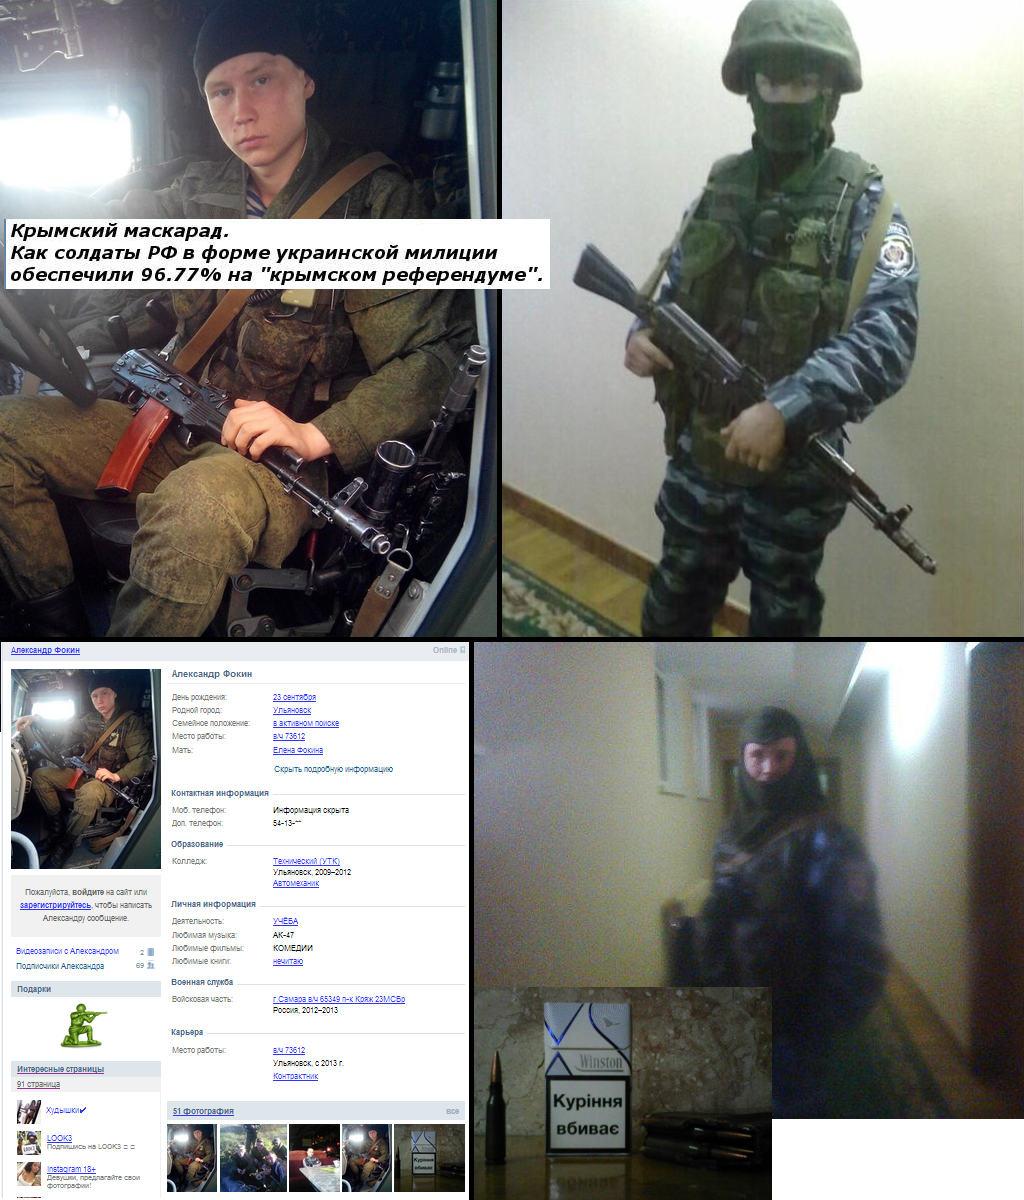 http://gansik.tagv.com/___/images/fake-berkut-4.jpg